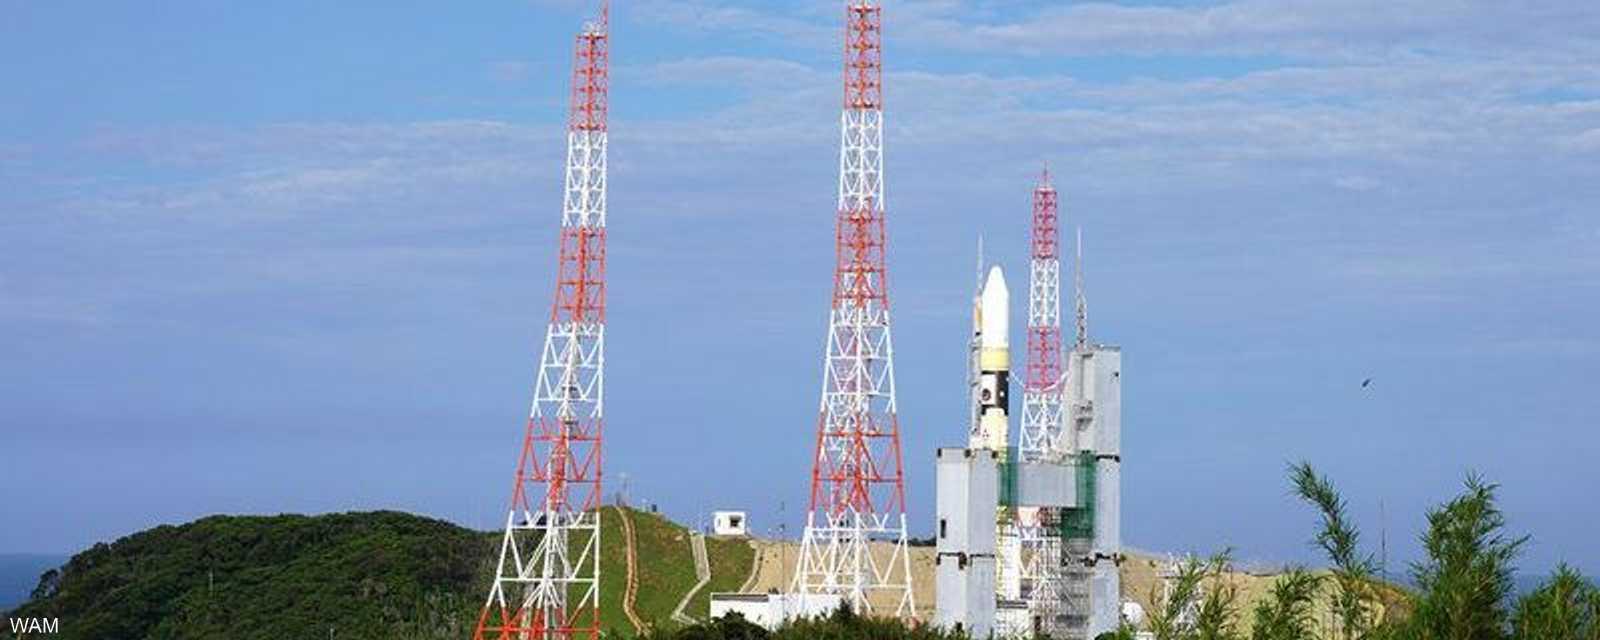 أقلع الصاروخ من منصة ميتسوبيشي للصناعات الثقيلة